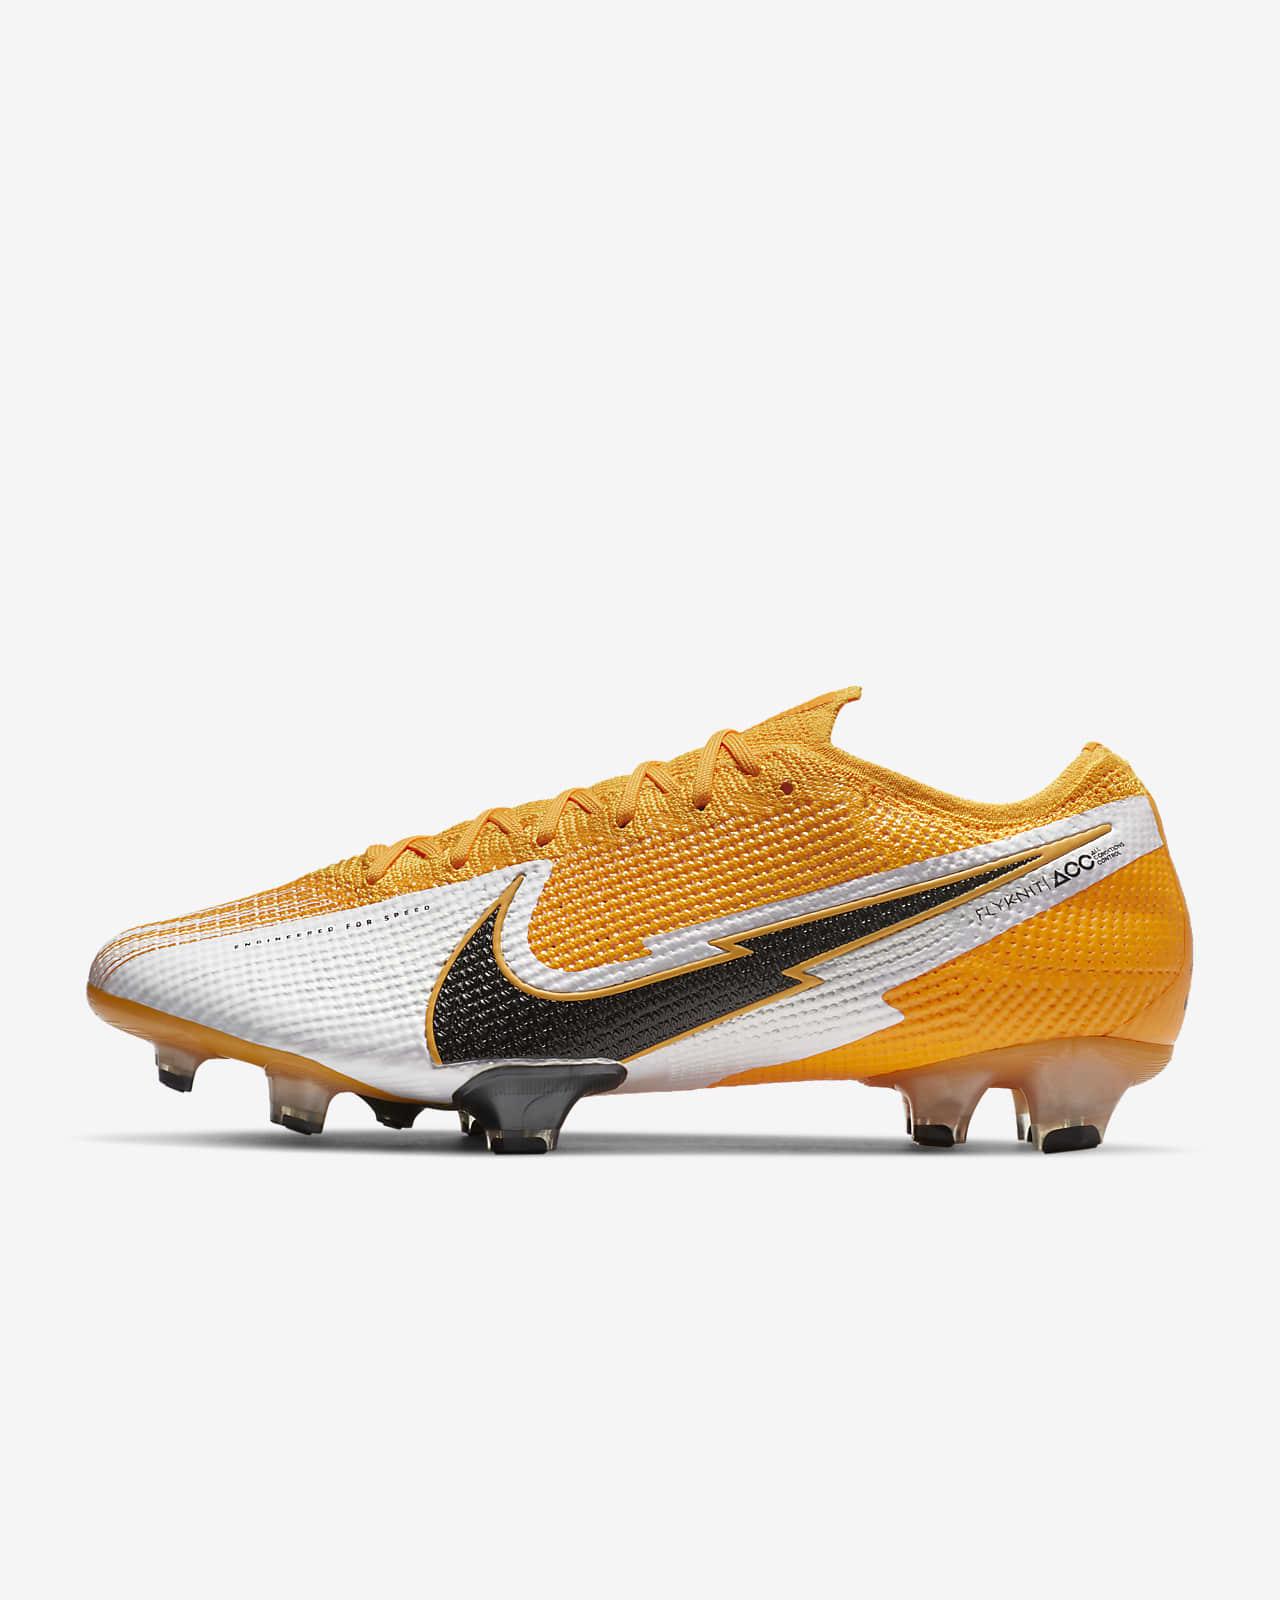 Nike Mercurial Vapor 13 Elite FG Fußballschuh für normalen Rasen